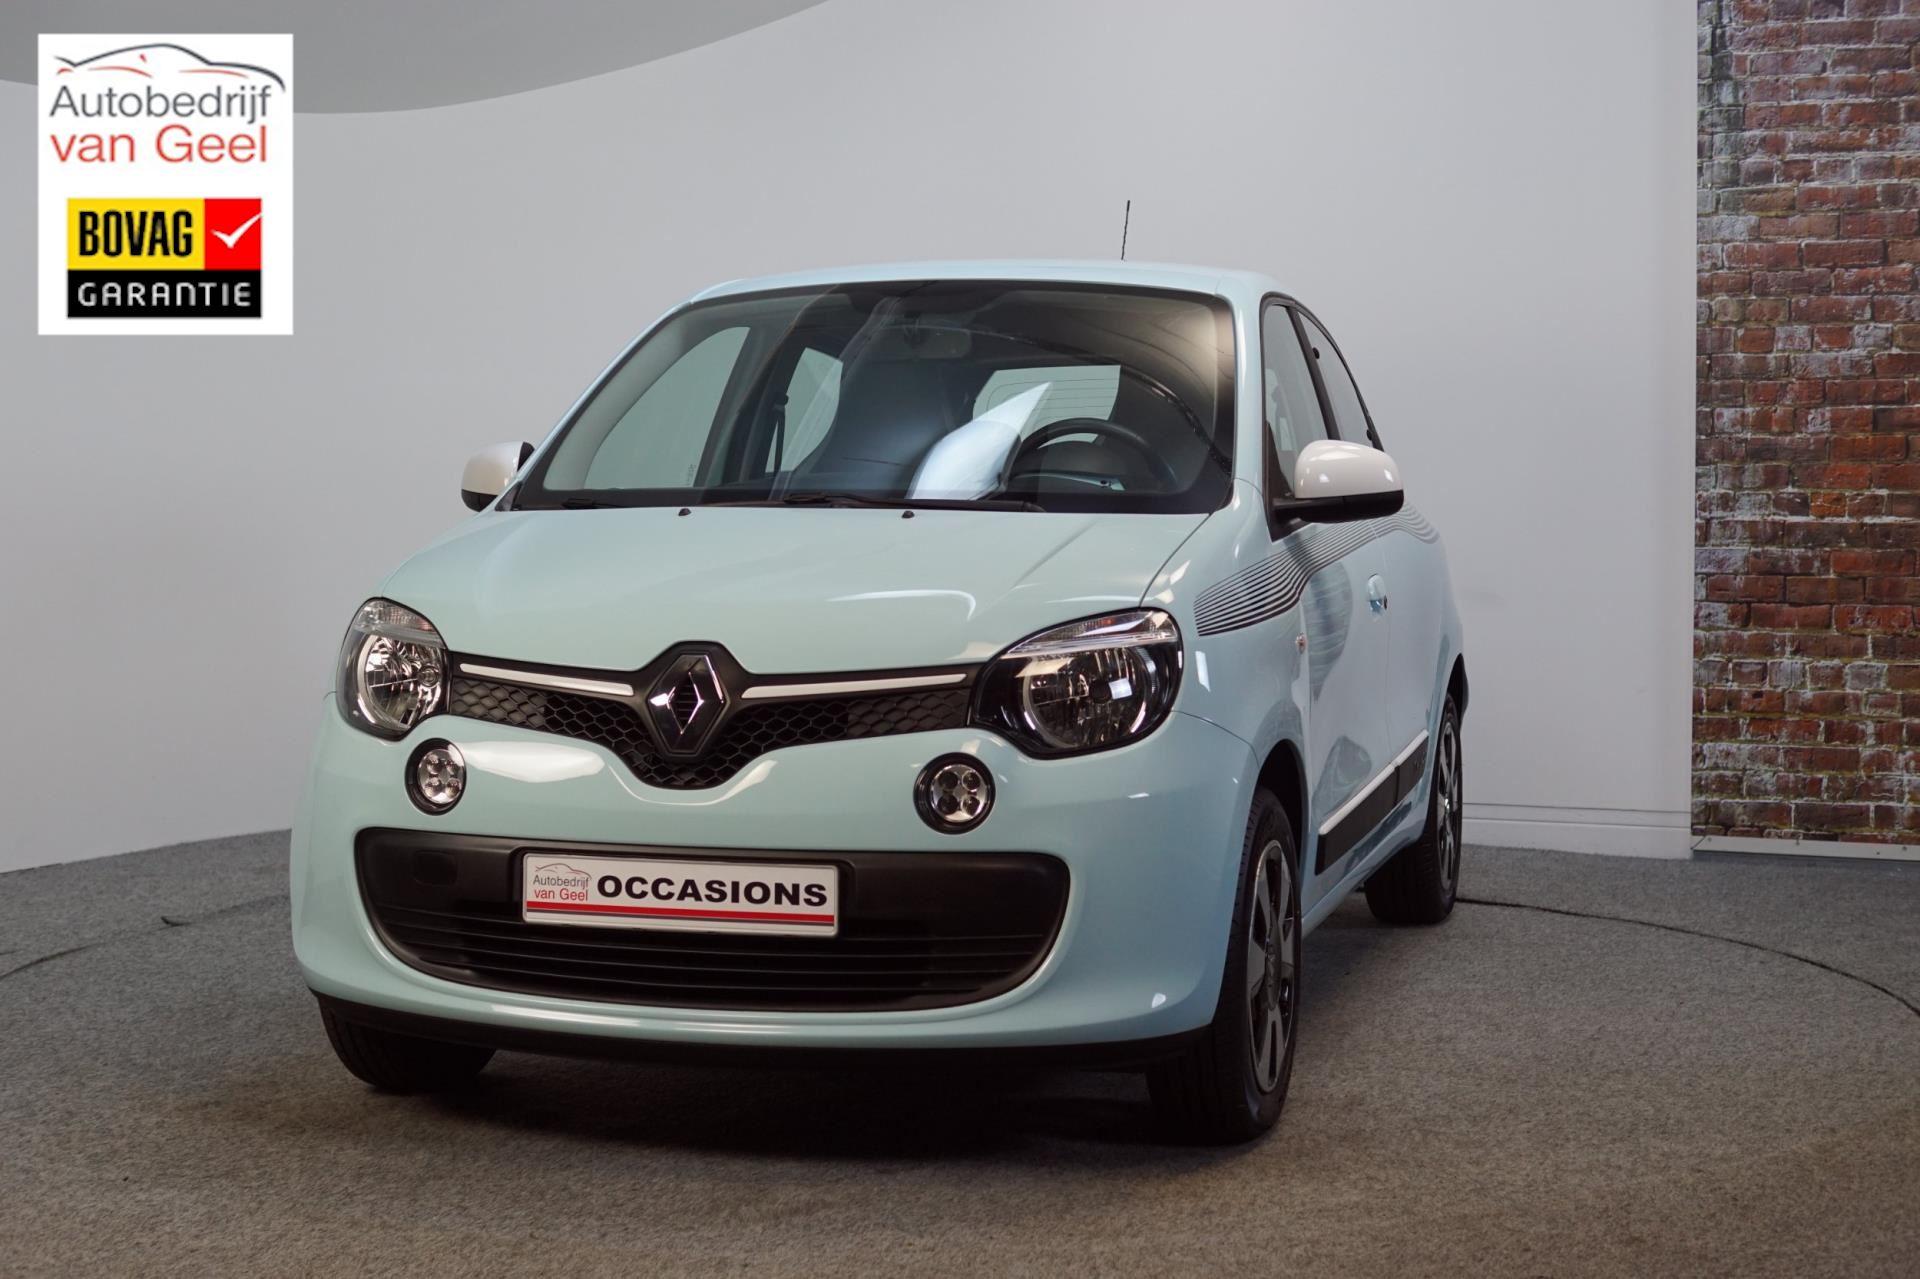 Renault Twingo occasion - Autobedrijf Van Geel